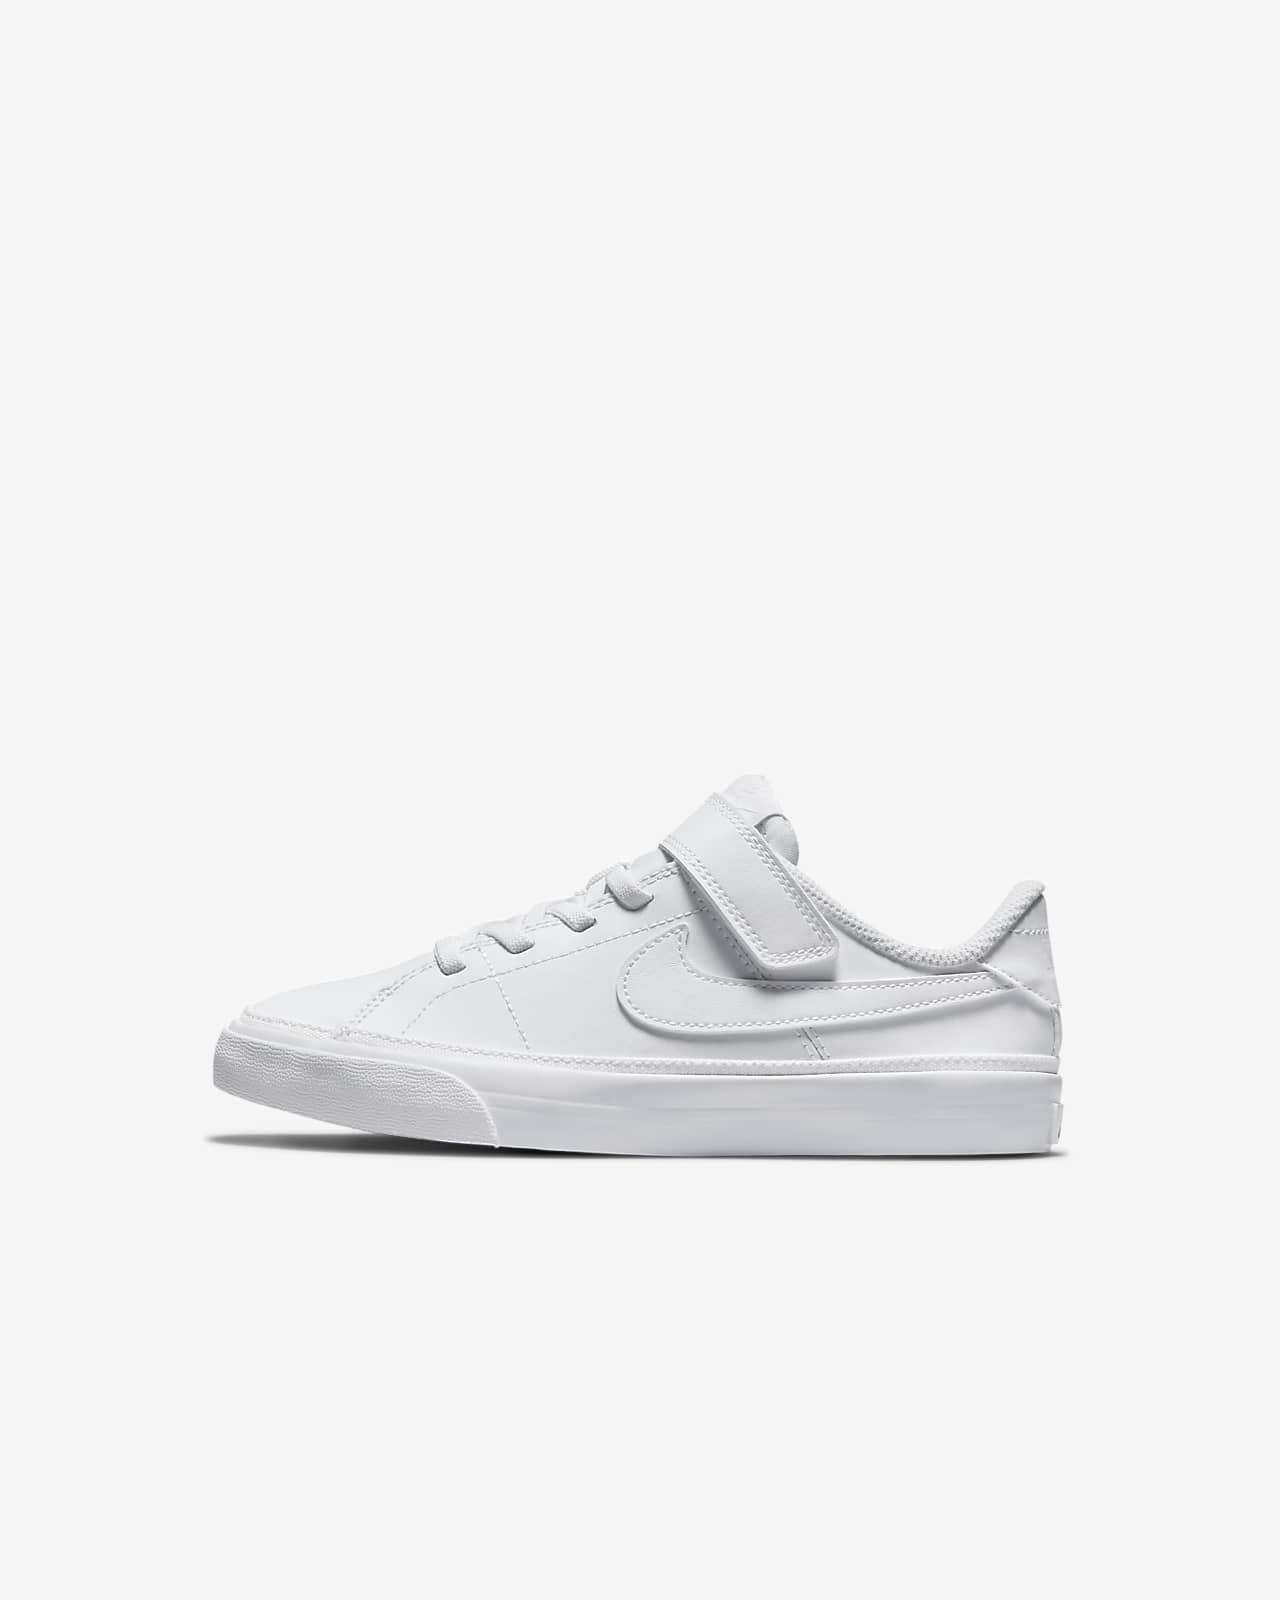 Παπούτσι Nike Court Legacy για μικρά παιδιά